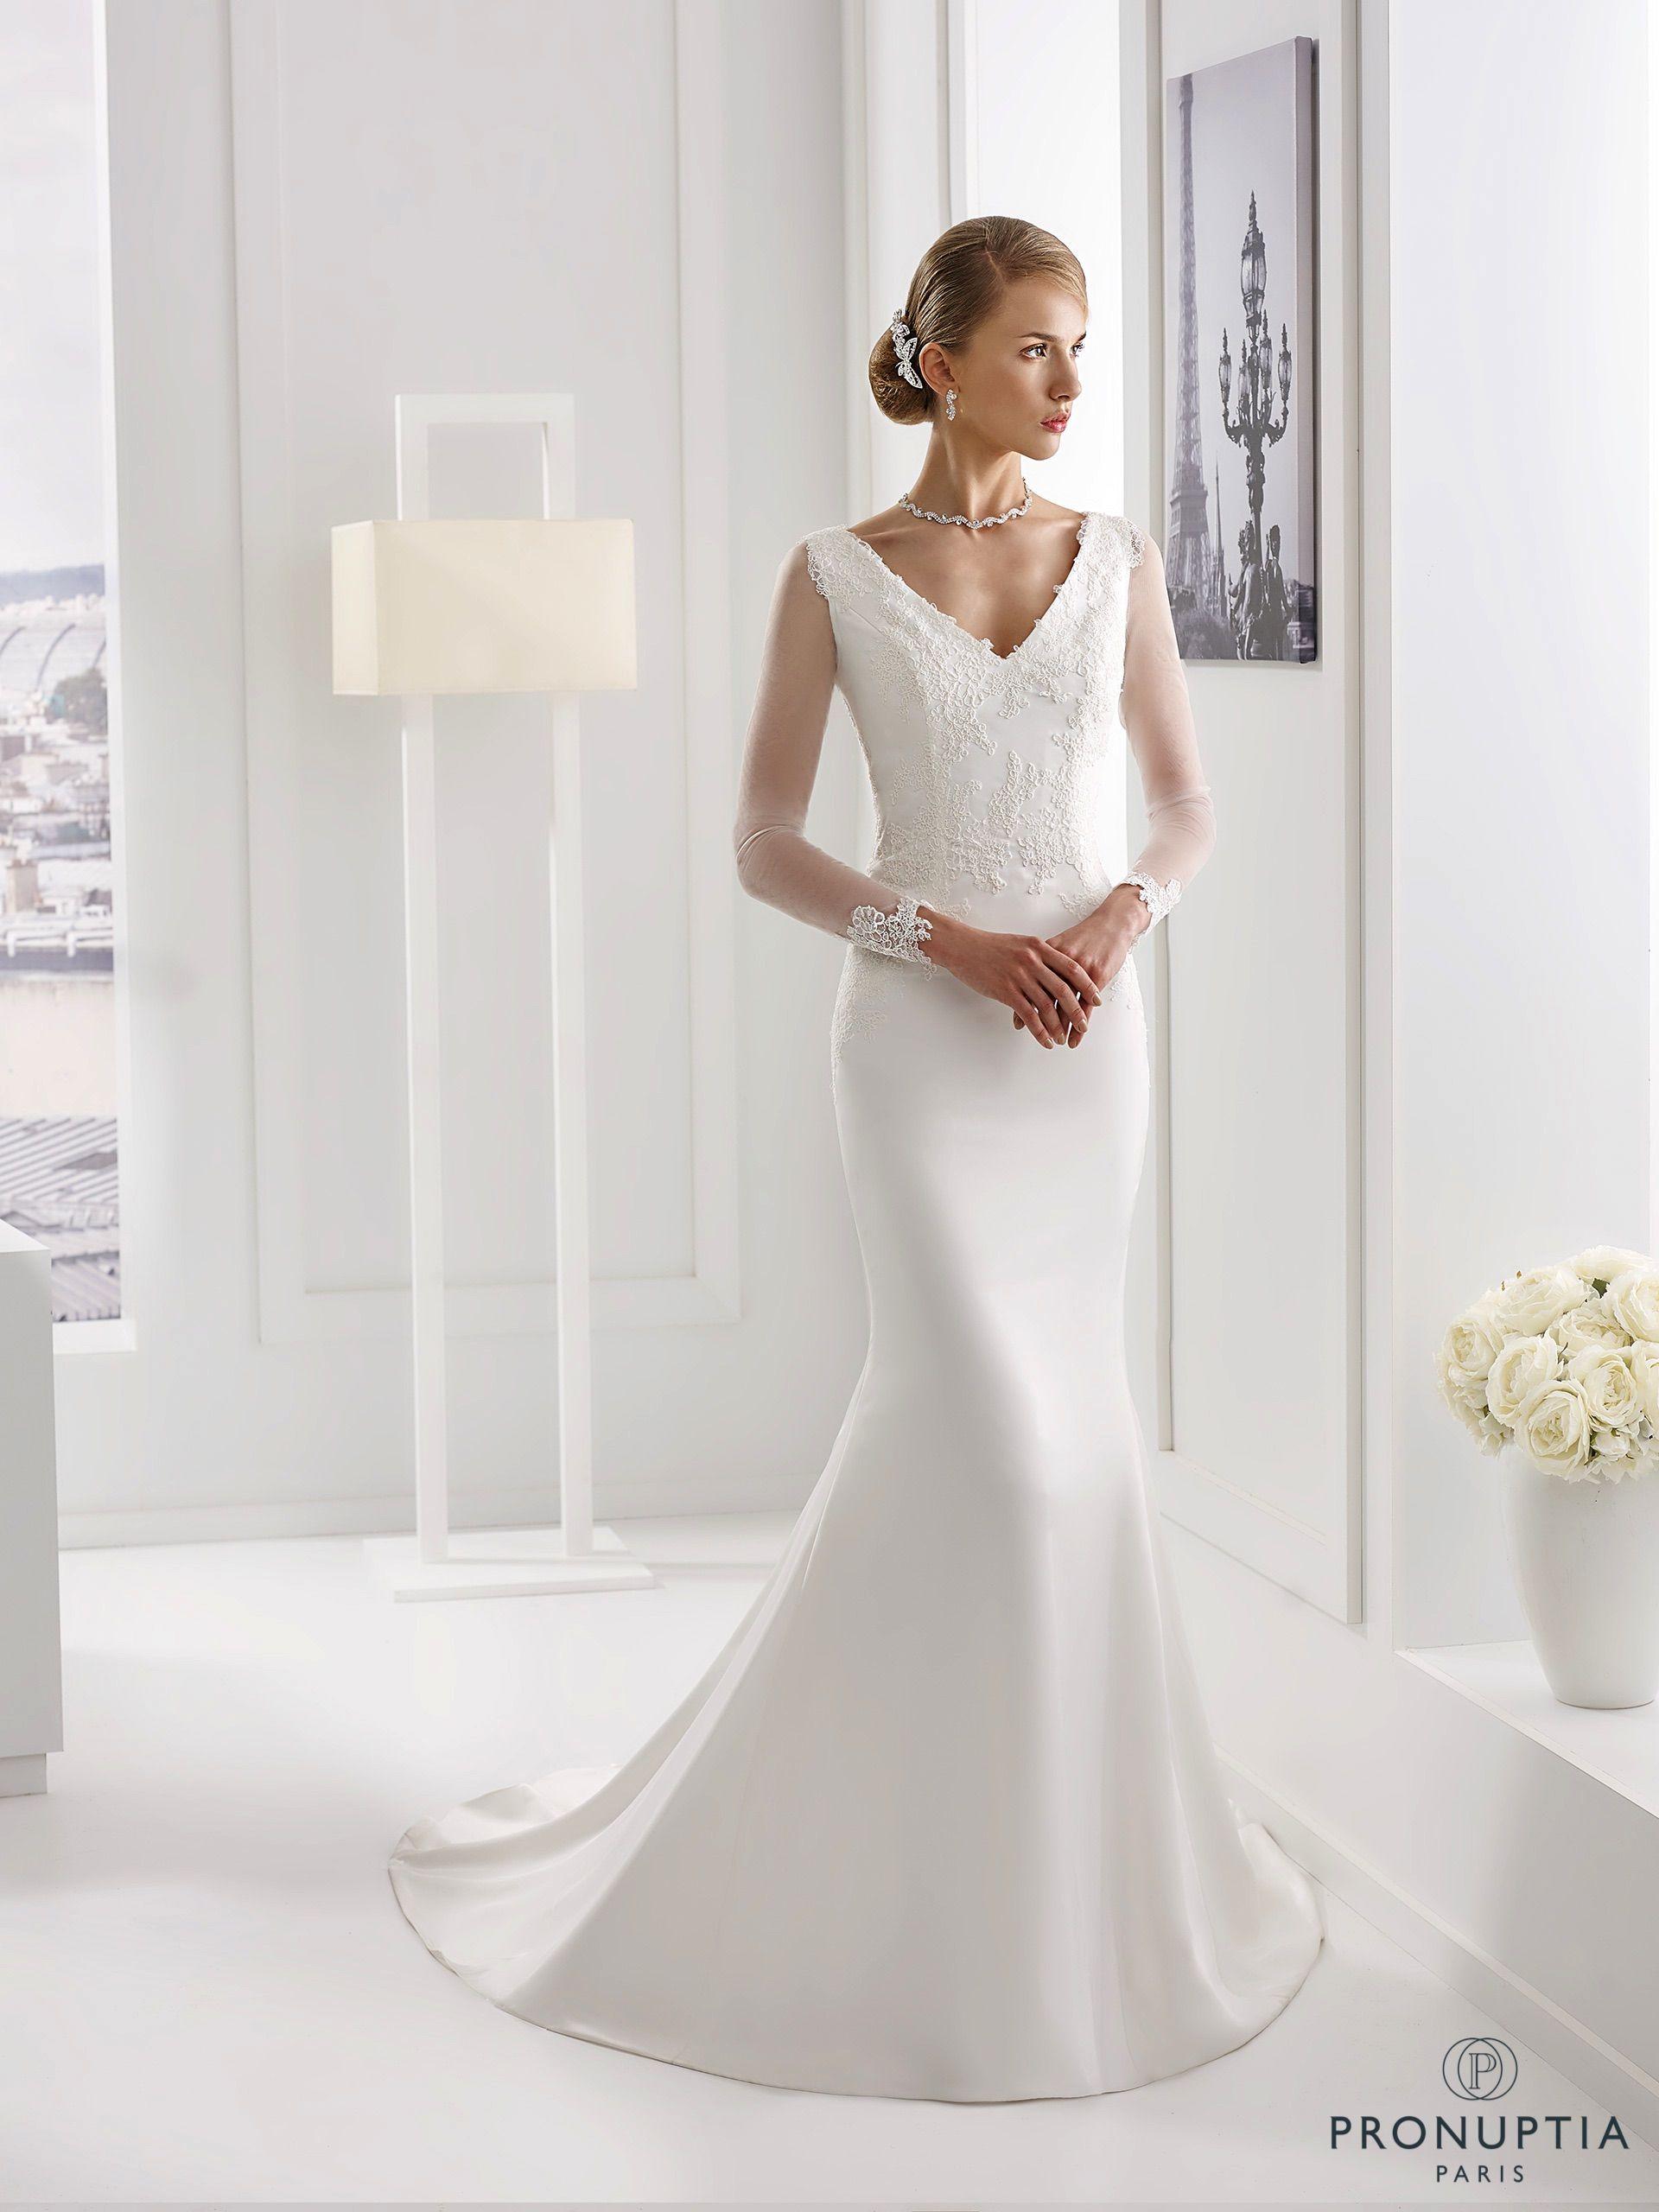 Géode, collection de robes de mariée - Pronuptia | Idée de robes ...